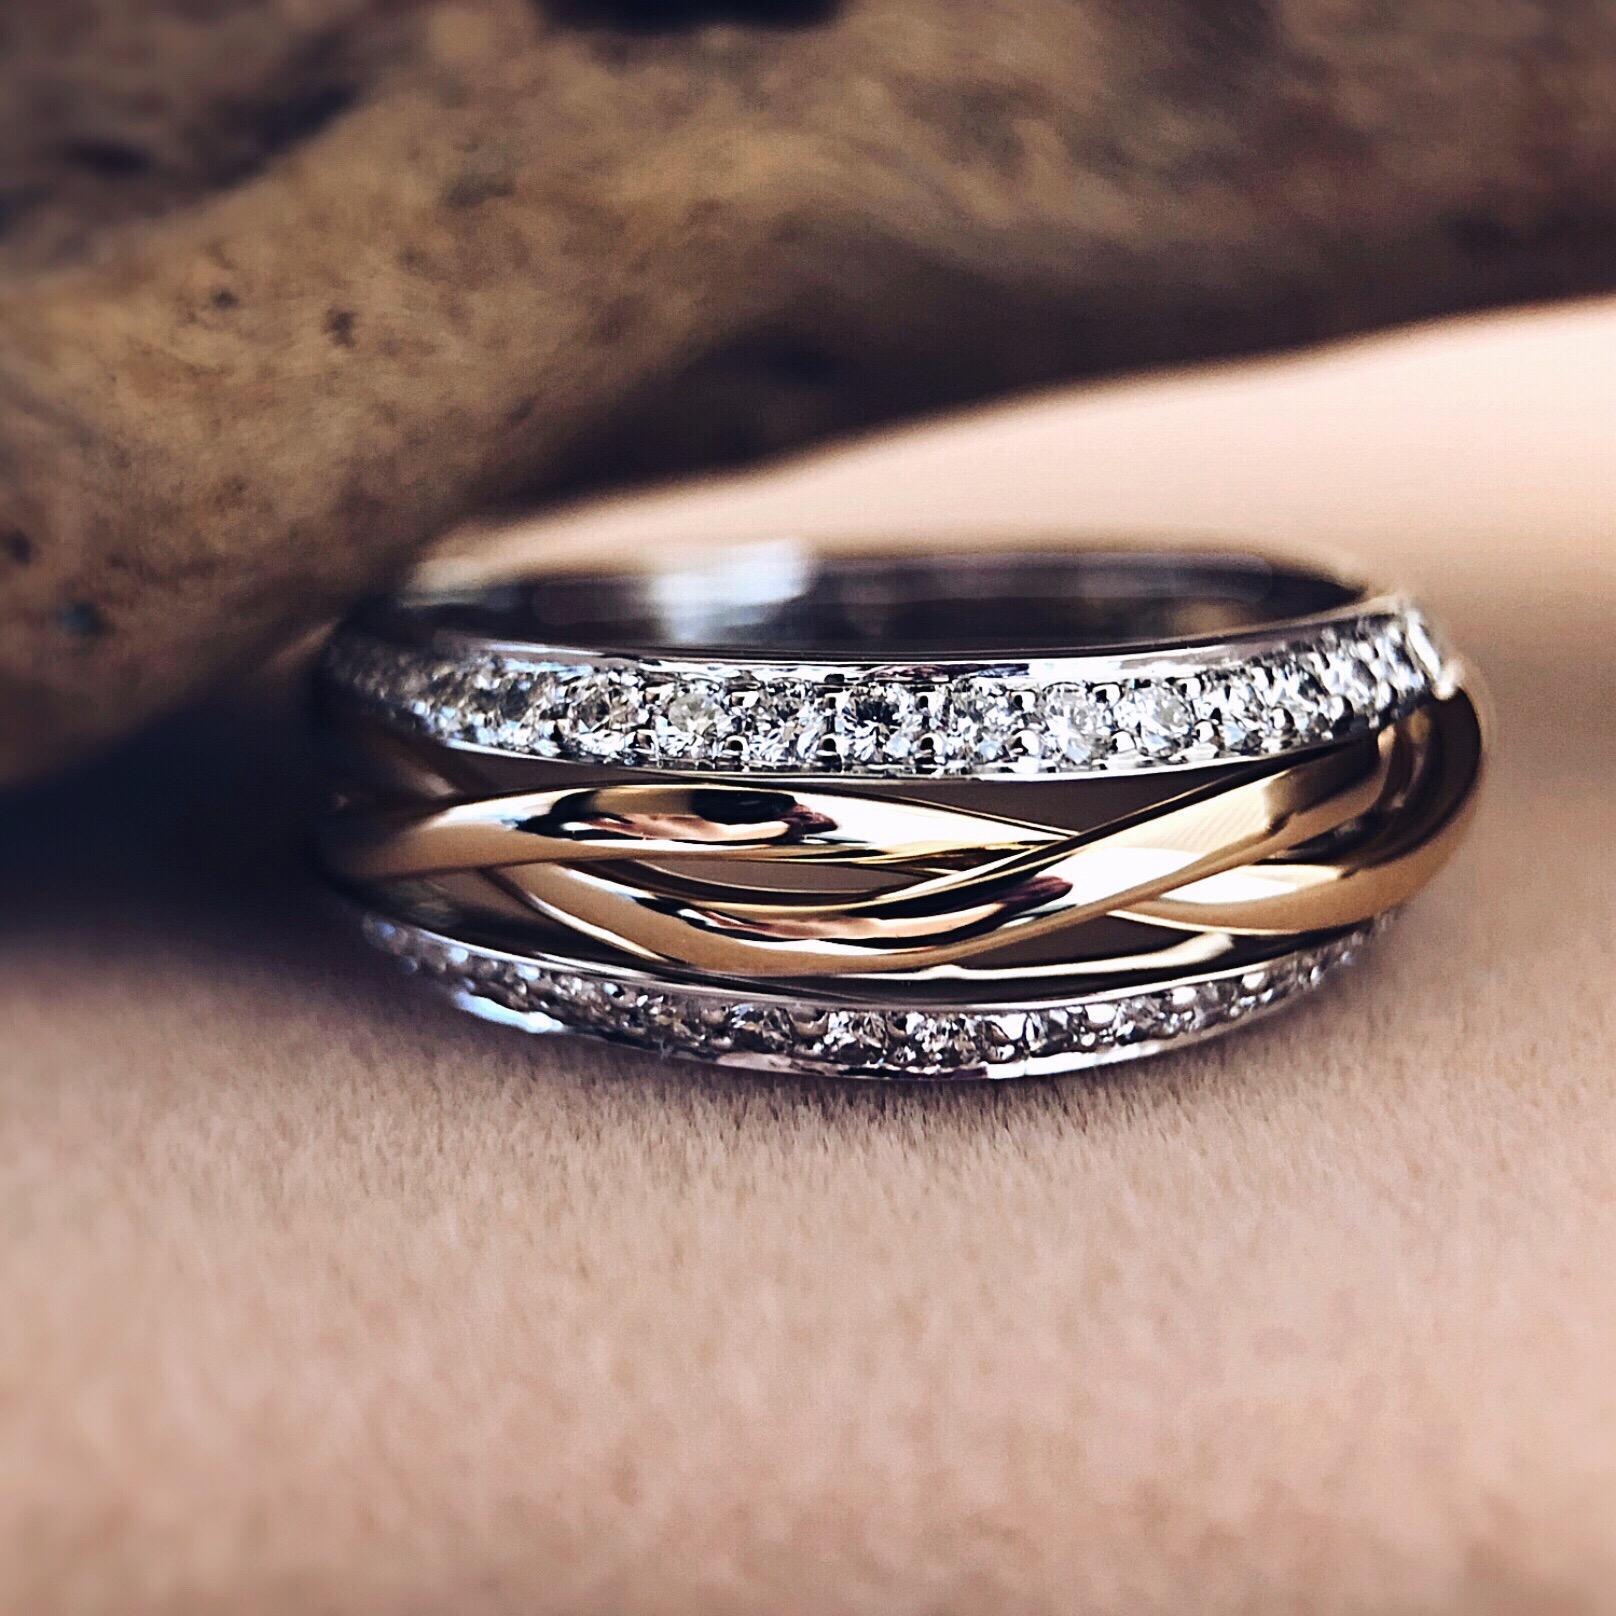 Excellent Jewelry aanzoeksringen bij  Wolters Juweliers Coevorden Emmen